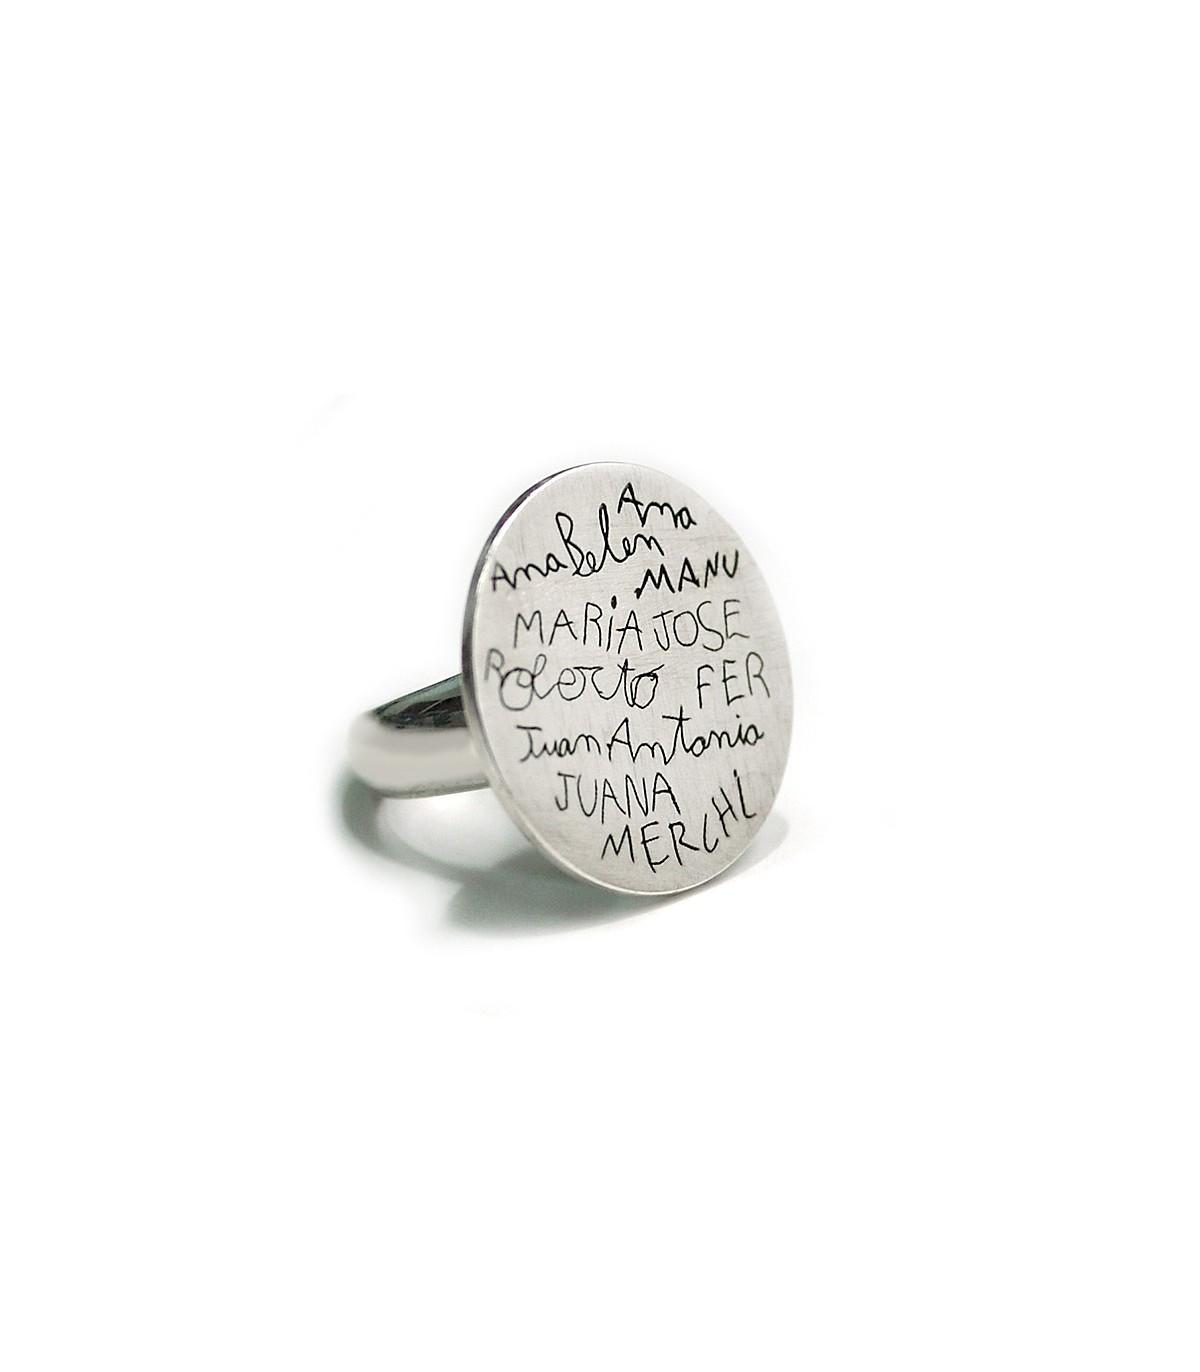 f219429fbfa7 Anillo de plata personalizado con nombres y dibujos grabados. Joyas para  mujer   Platelia